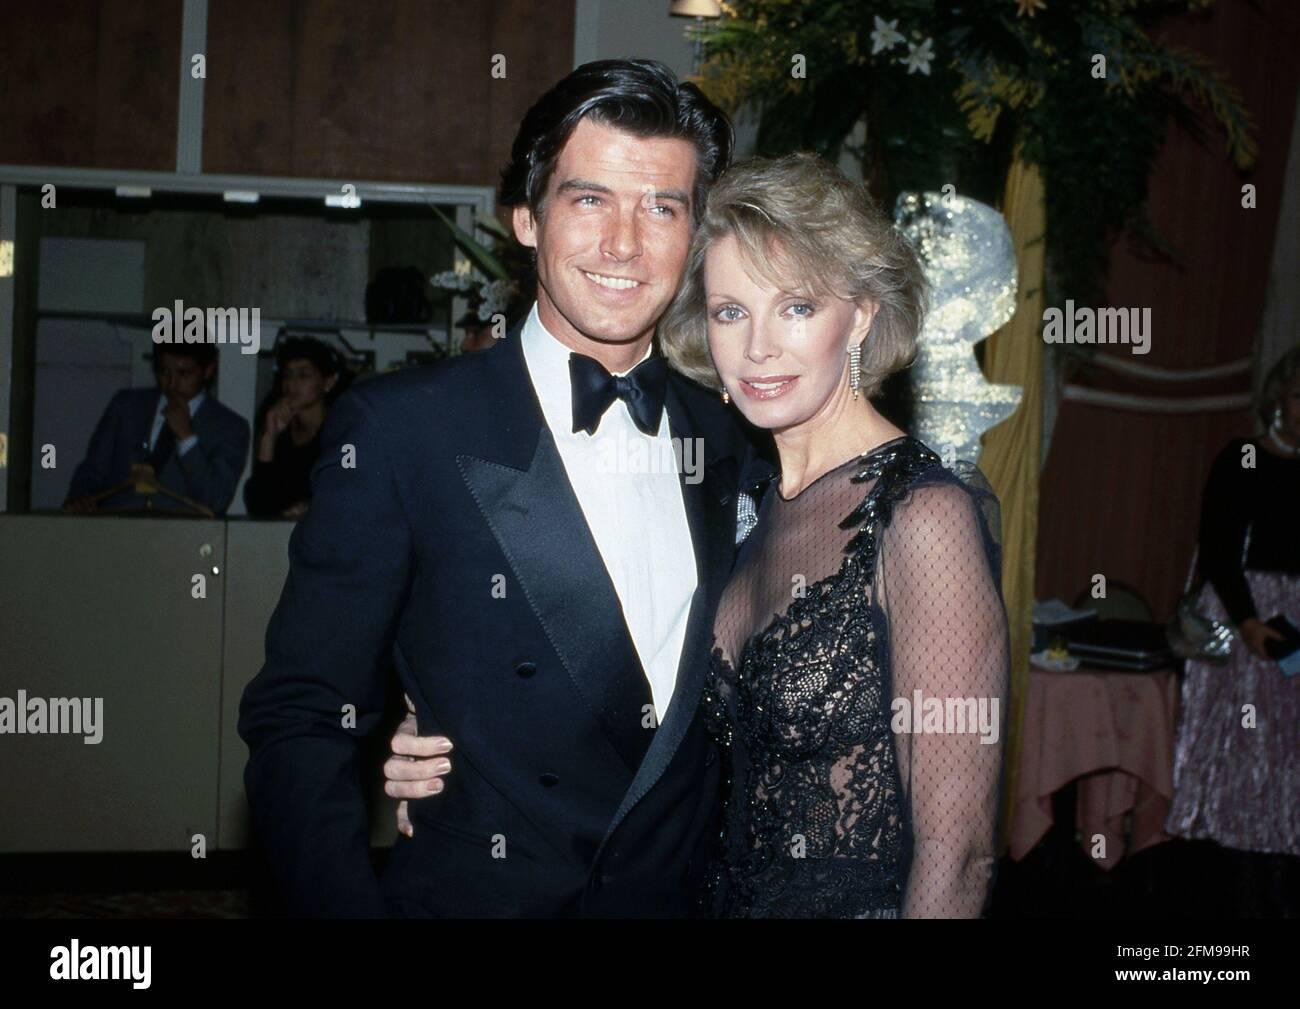 Pierce Brosnan et sa femme Cassandra Harris lors de la 42e édition annuelle du Golden Globe Awards à l'hôtel Beverly Hilton de Beverly Hills, Californie le 26 janvier 1985 crédit: Ralph Dominguez/MediaPunch Banque D'Images